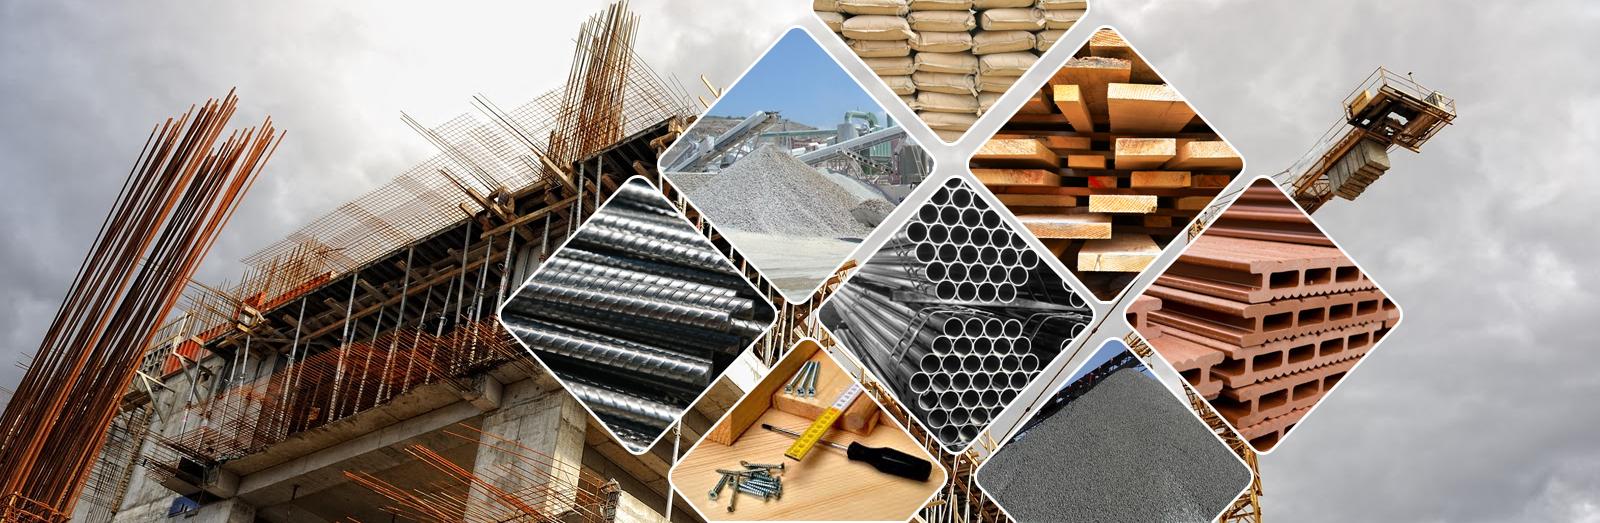 Marini Trans Depozit Materiale Constructii Brad